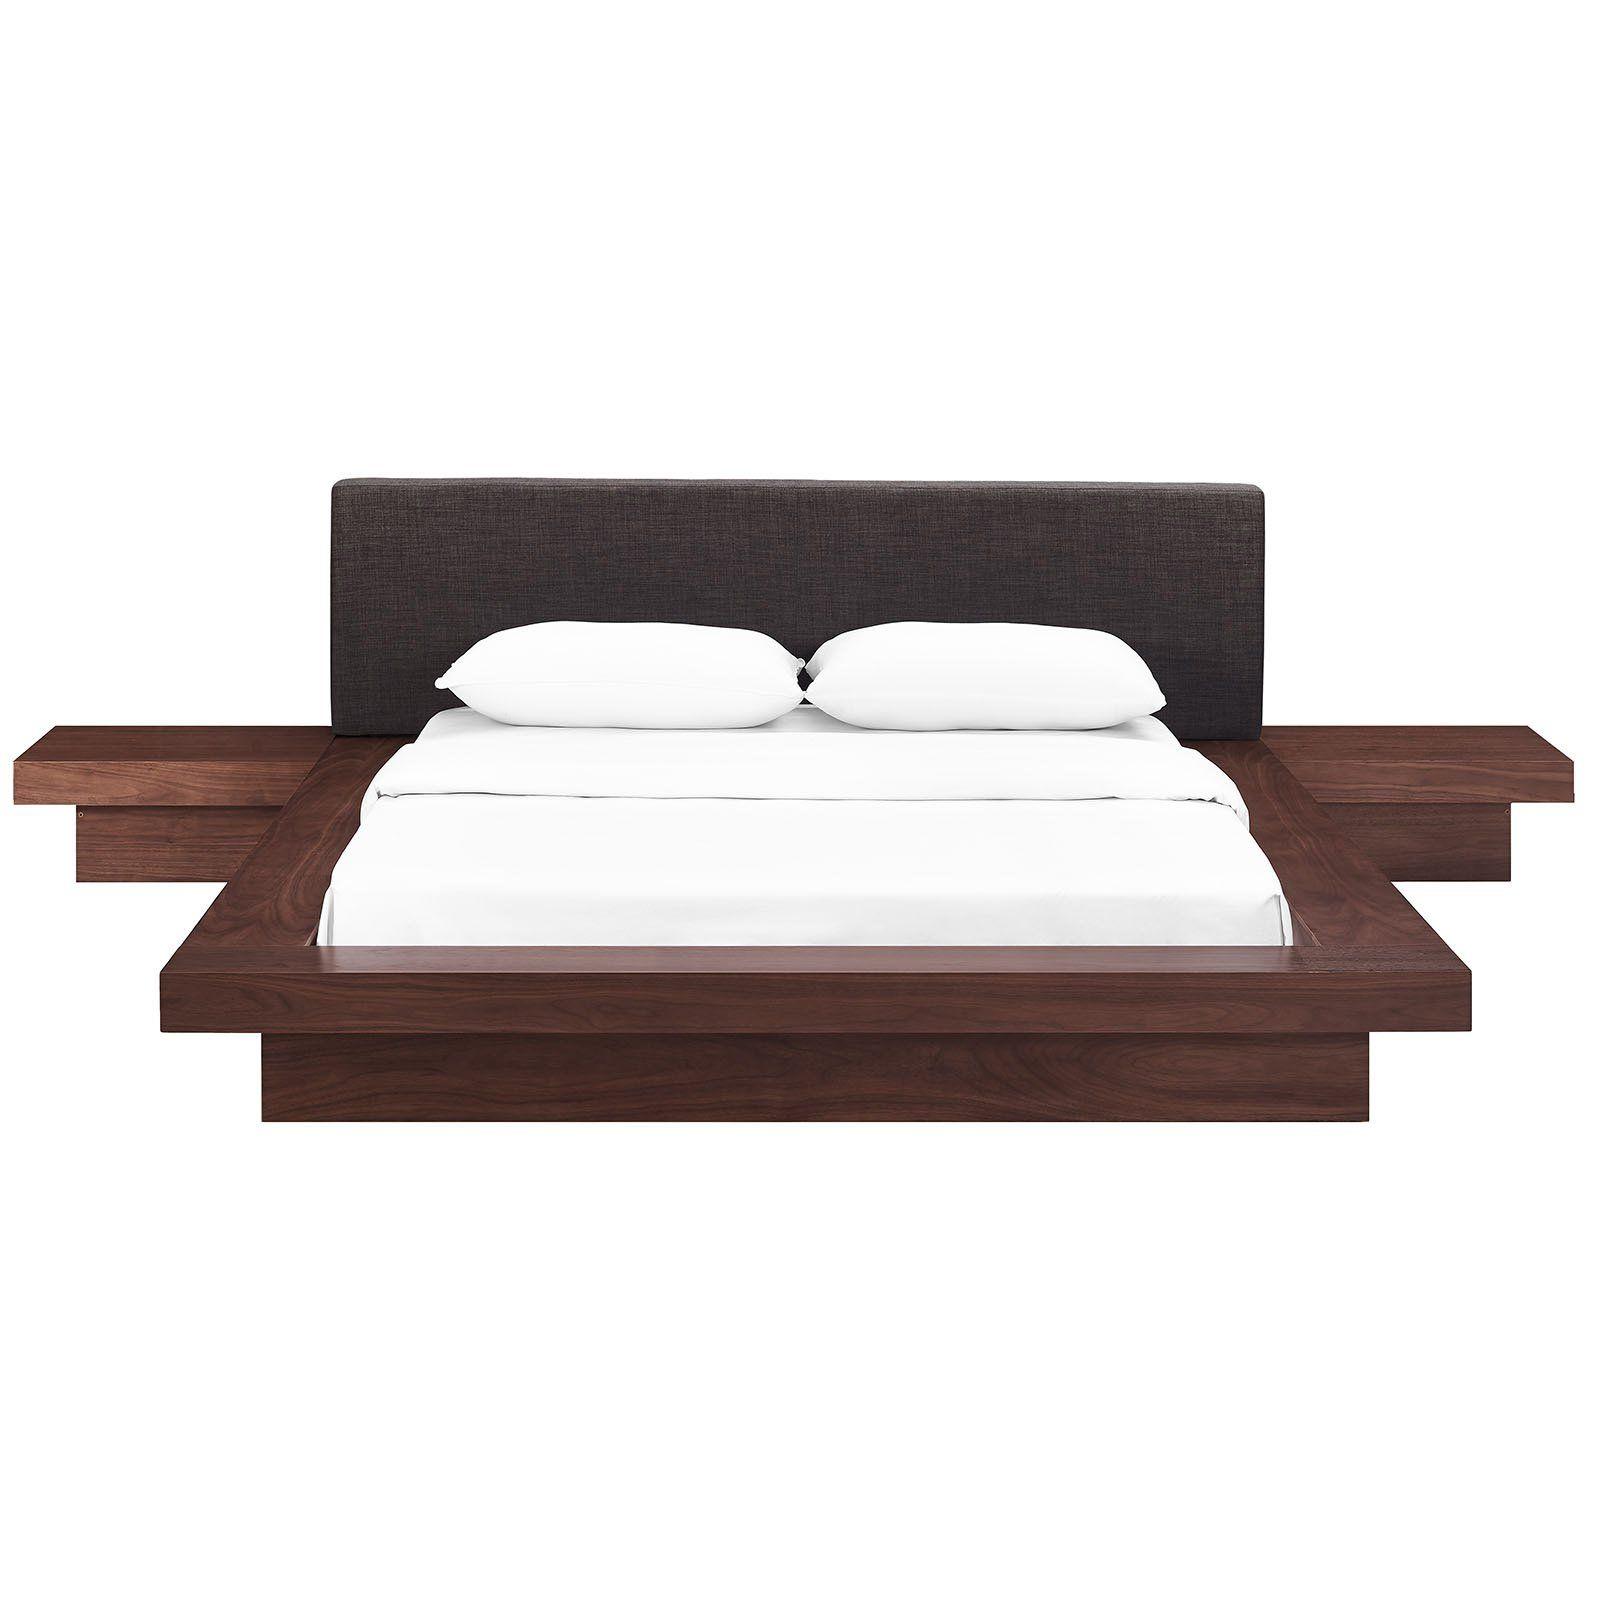 Modway Freja Platform Bed With Nightstands Queen Walnut Latte Bedroom Sets Queen Upholstered Bedroom Set Upholstered Bedroom